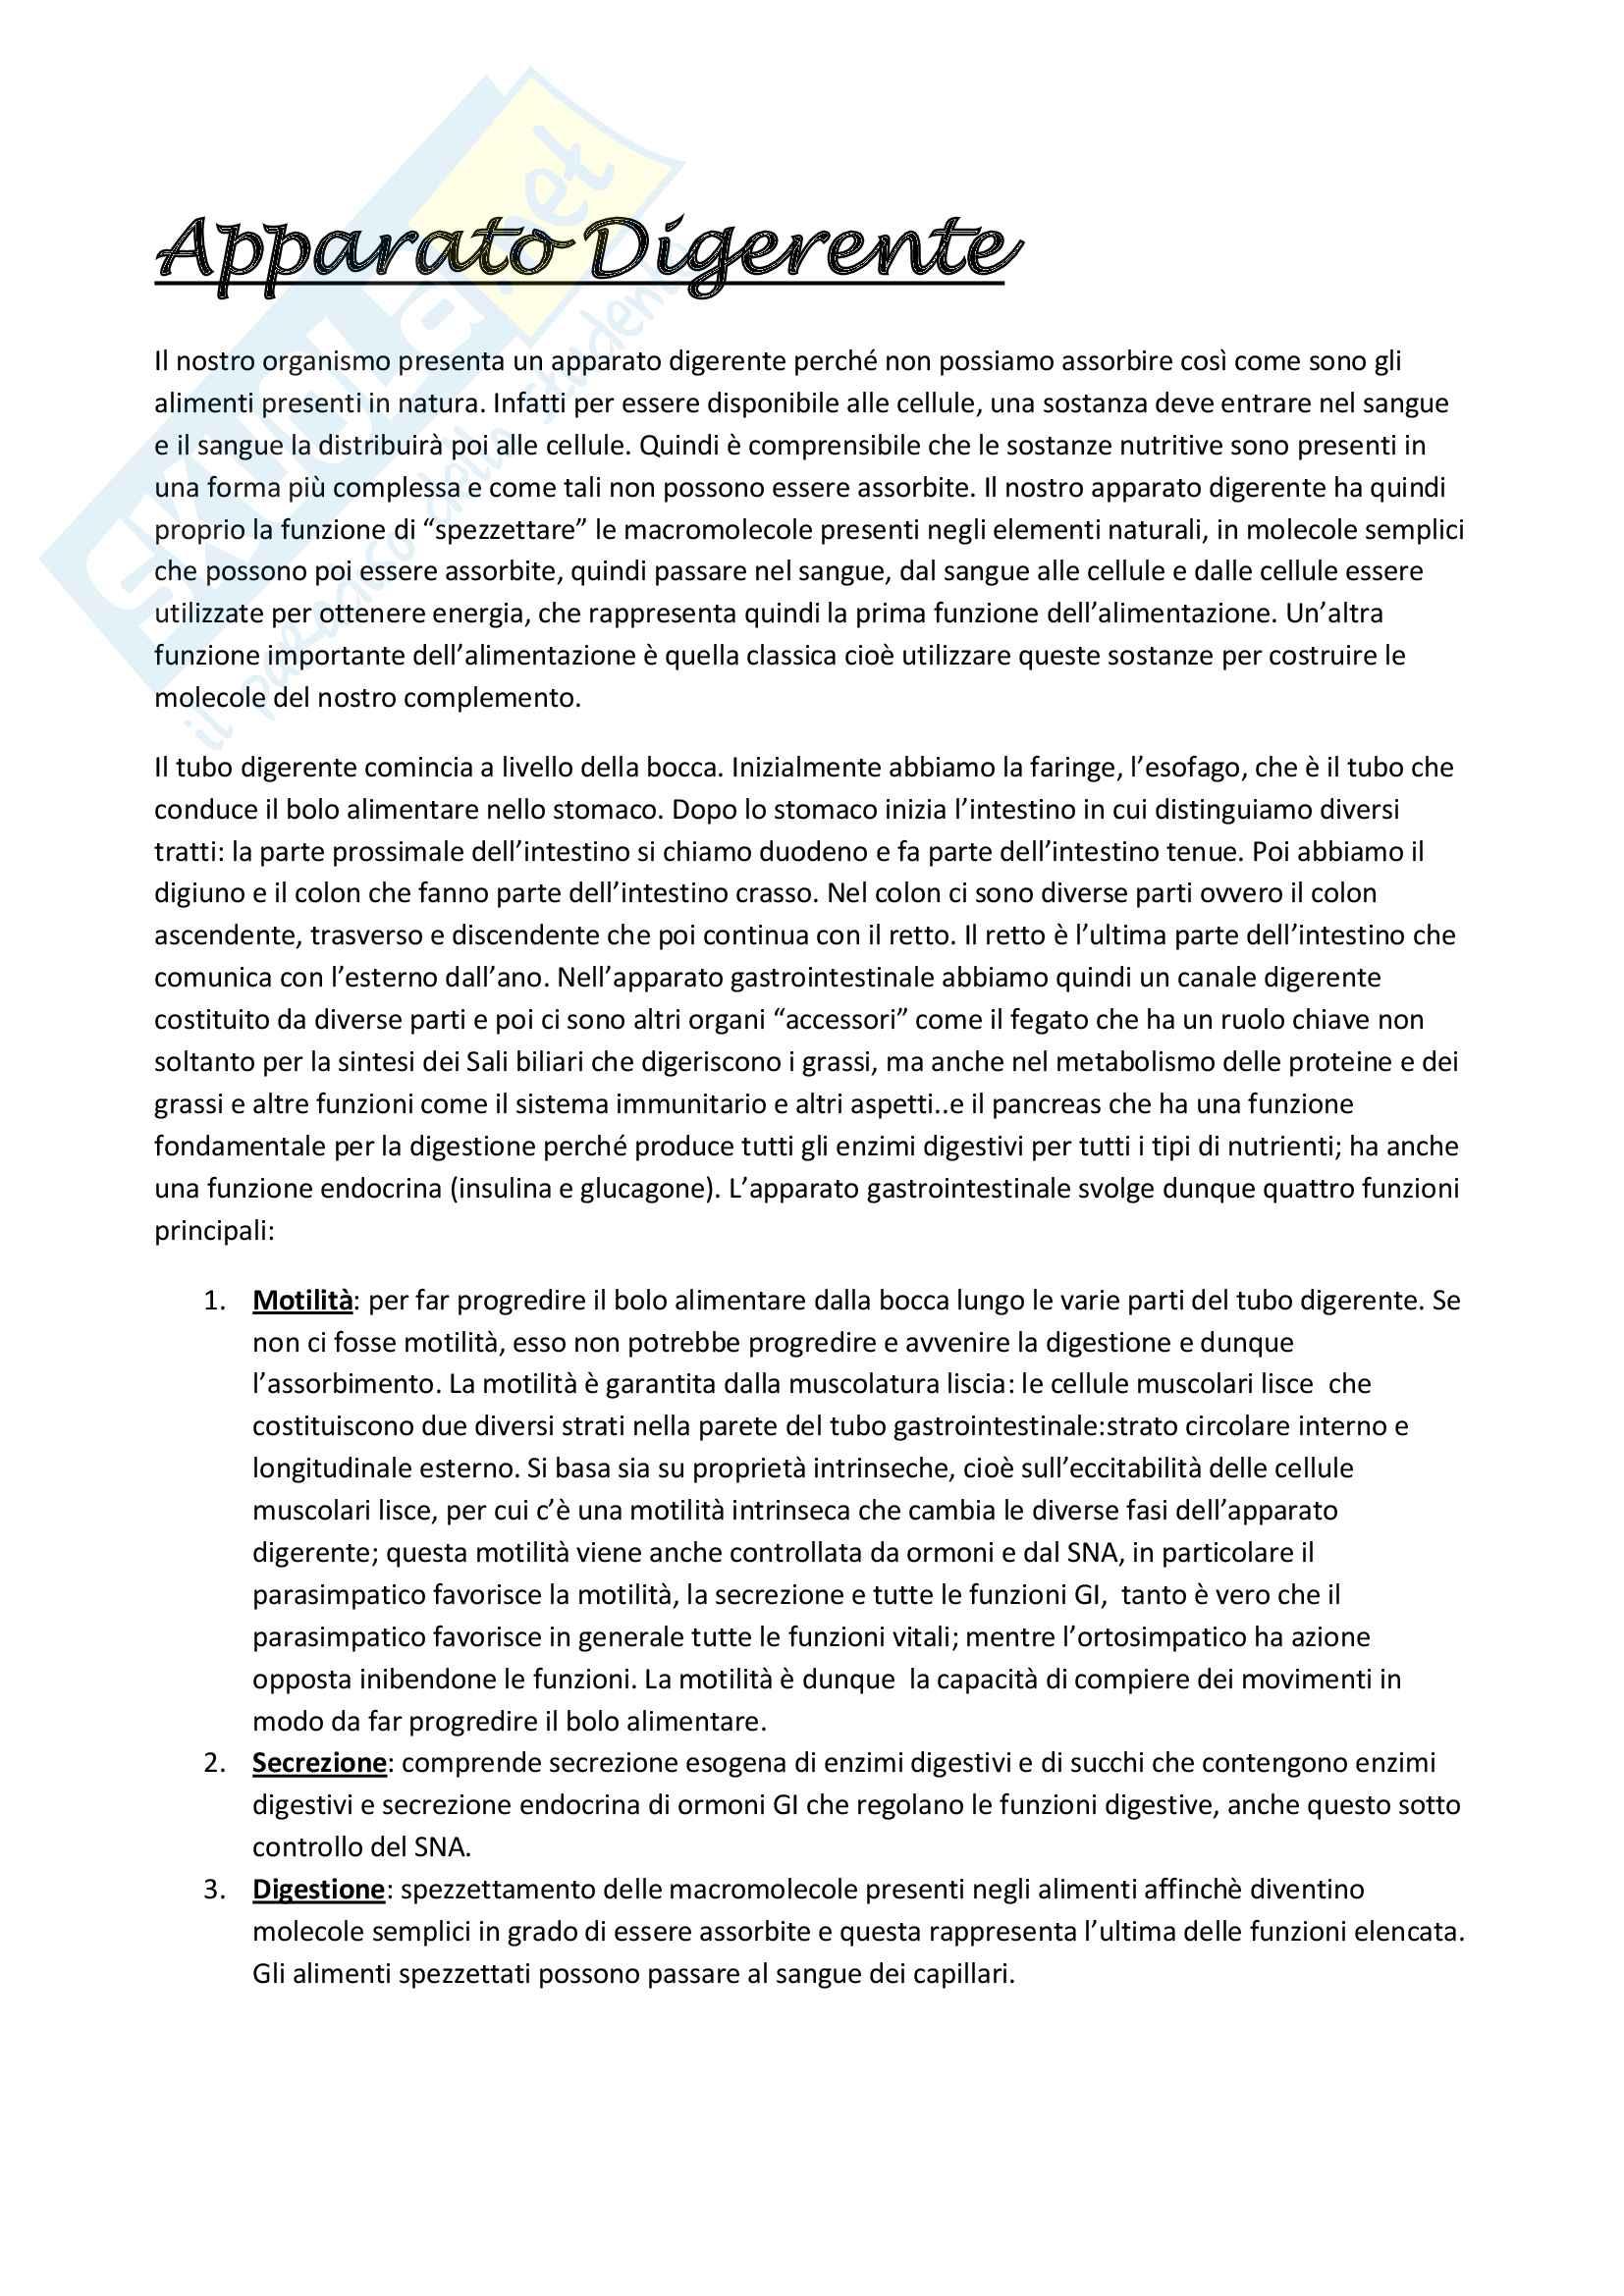 Appunti Digerente - Fisiologia